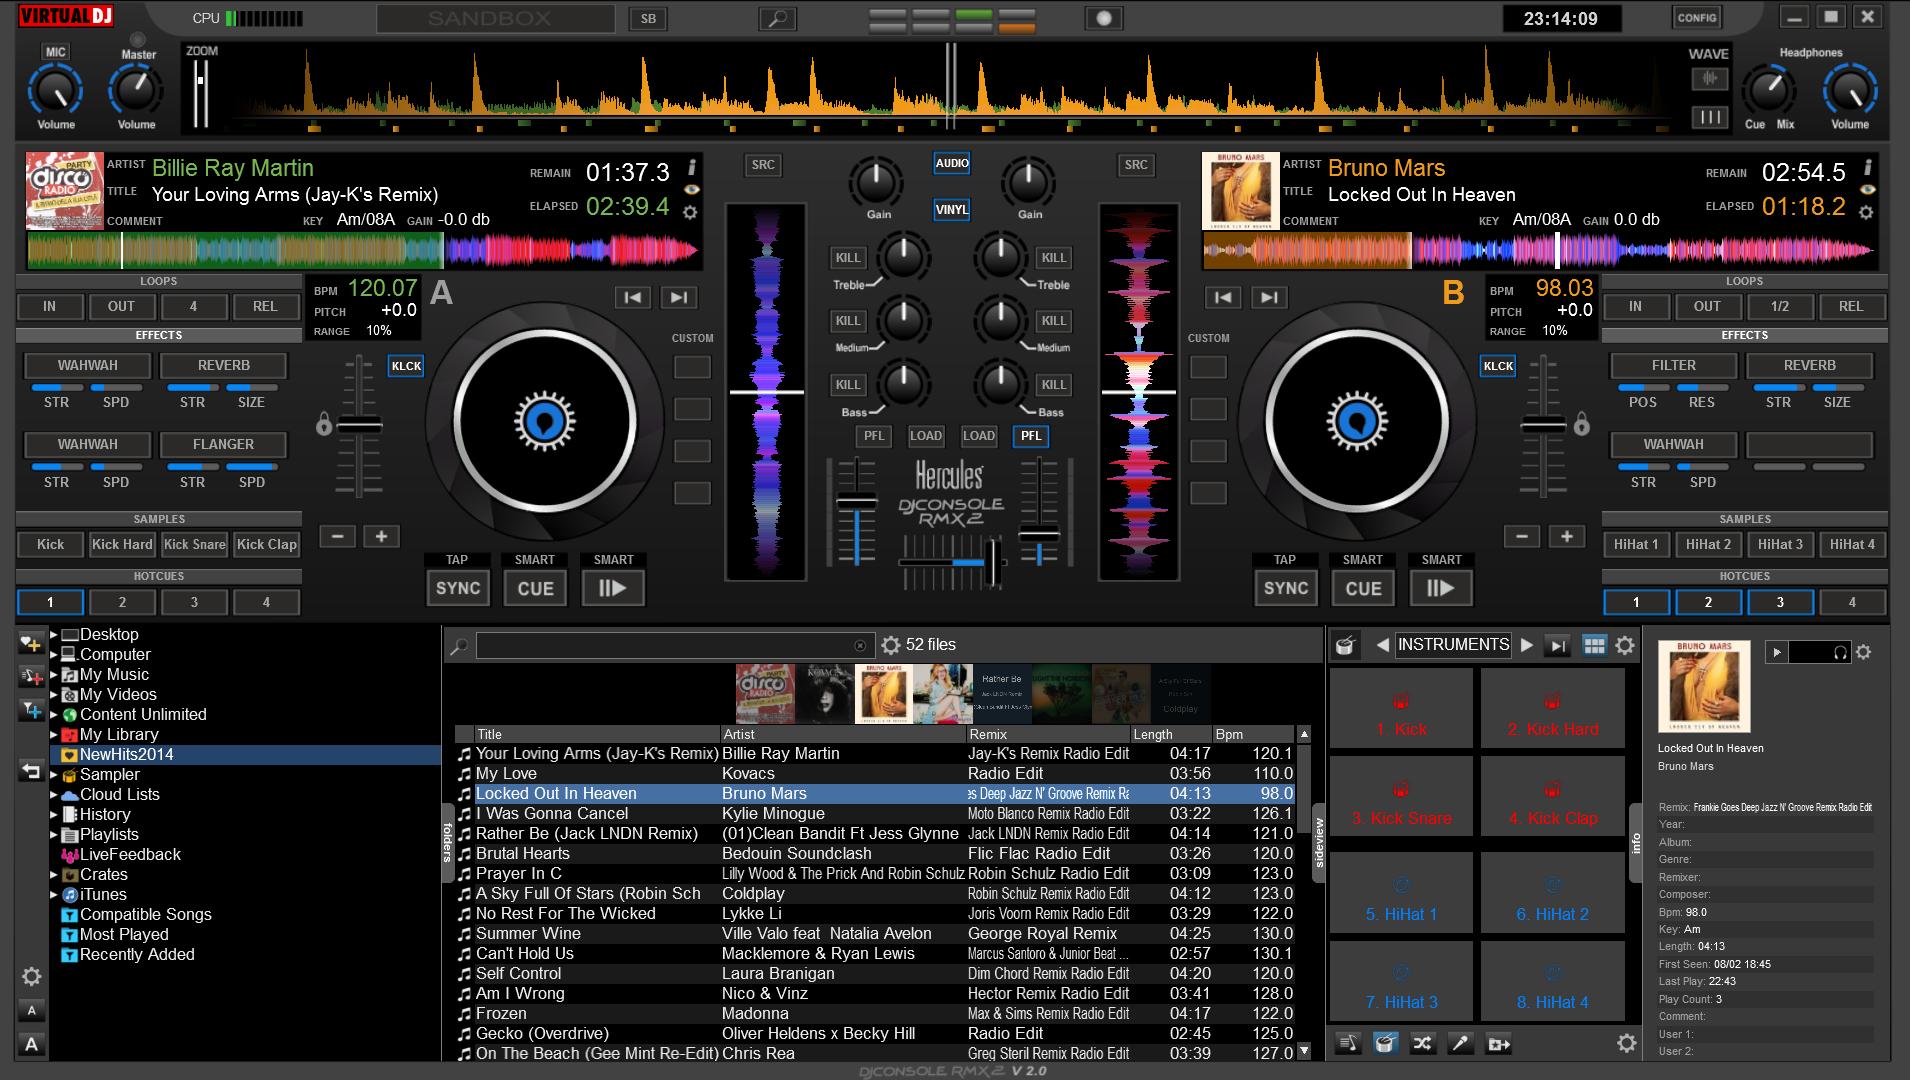 HERCULES DJ VIRTUAL RMX